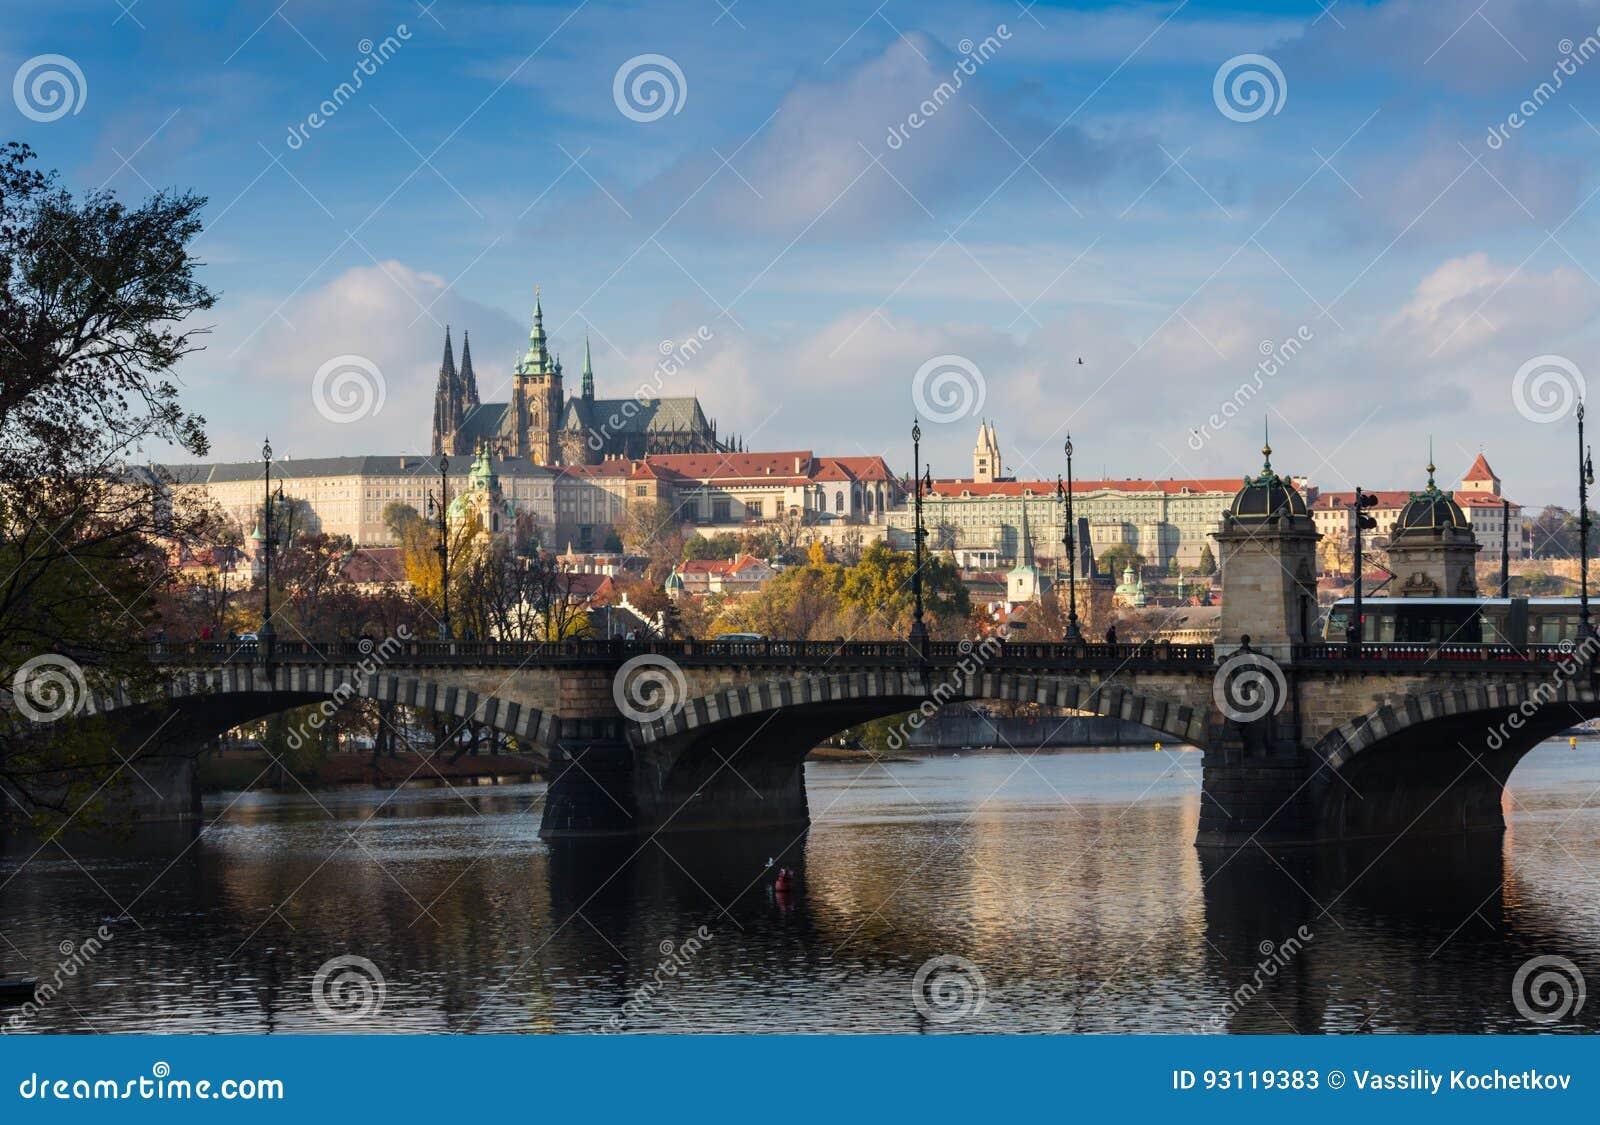 Εναέρια άποψη πέρα από την εκκλησία της κυρίας μας πριν από Tyn, την παλαιά πόλη και το Κάστρο της Πράγας στο ηλιοβασίλεμα στην Π